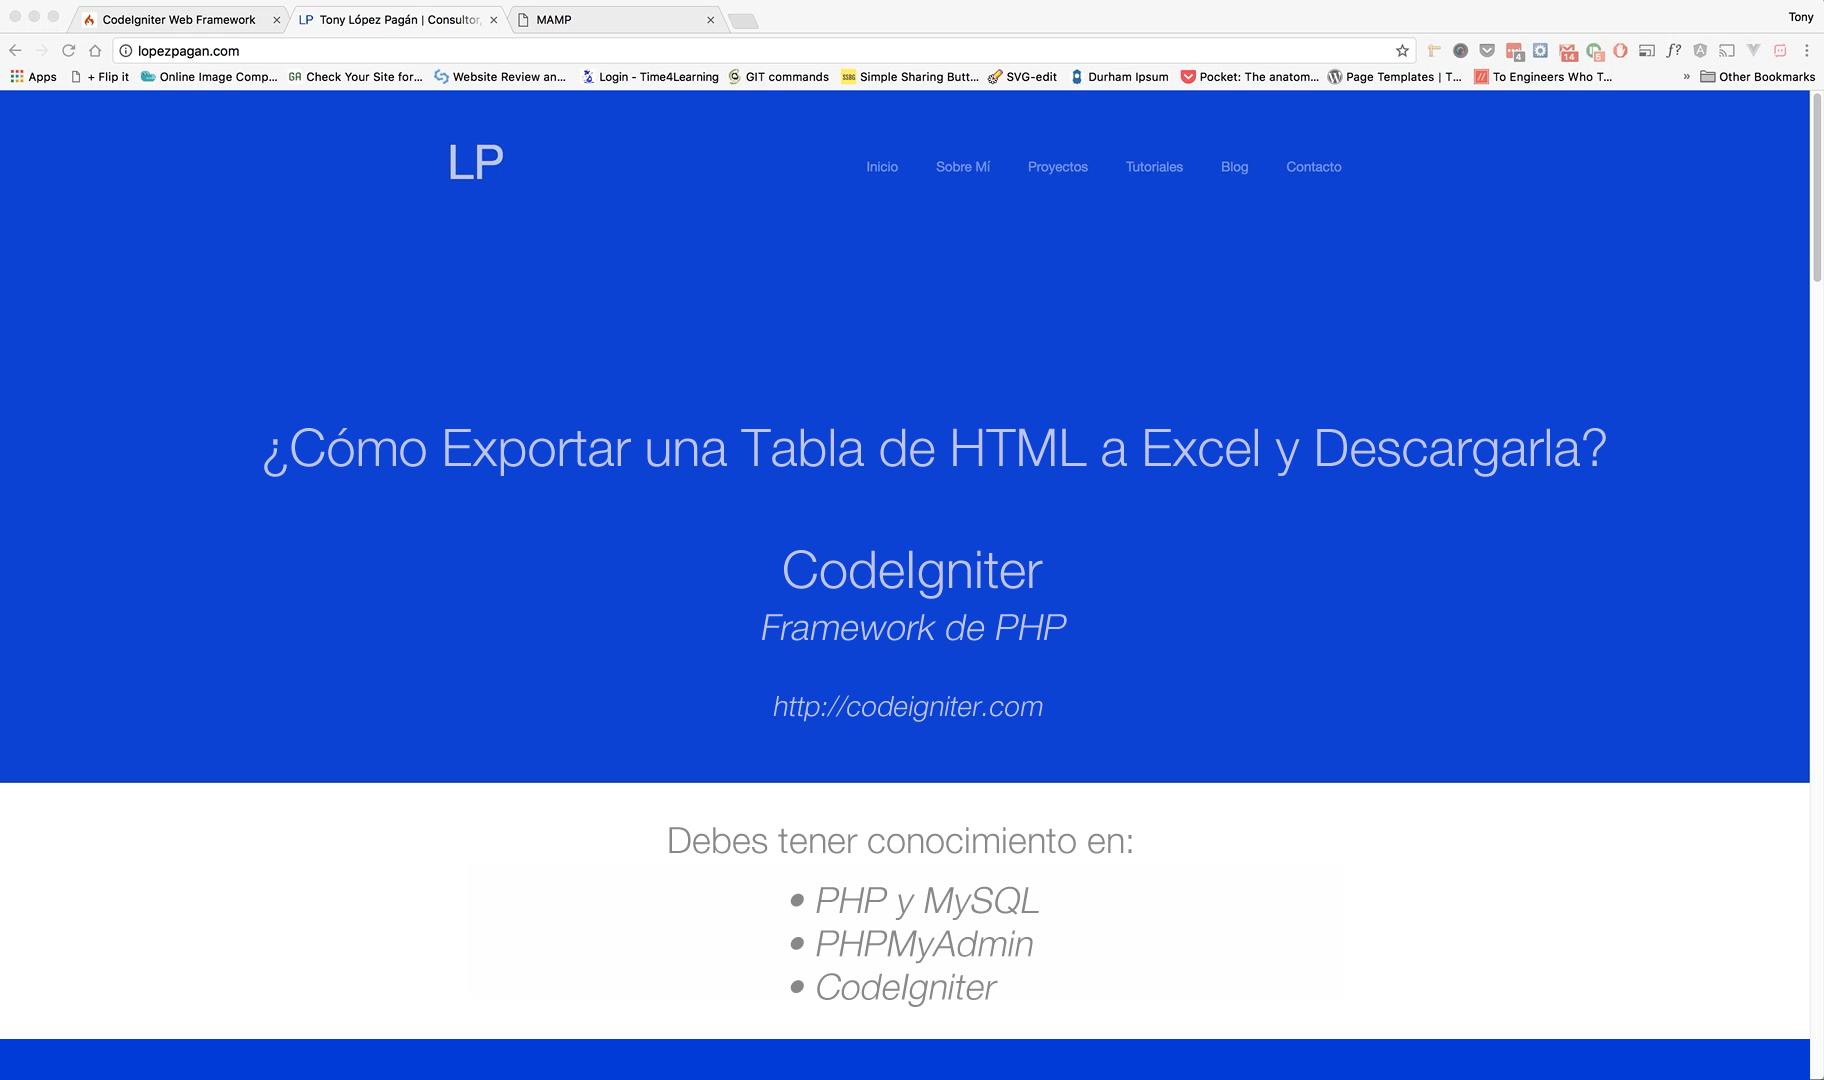 ¿Cómo Exportar una Tabla a Excel en CodeIgniter?